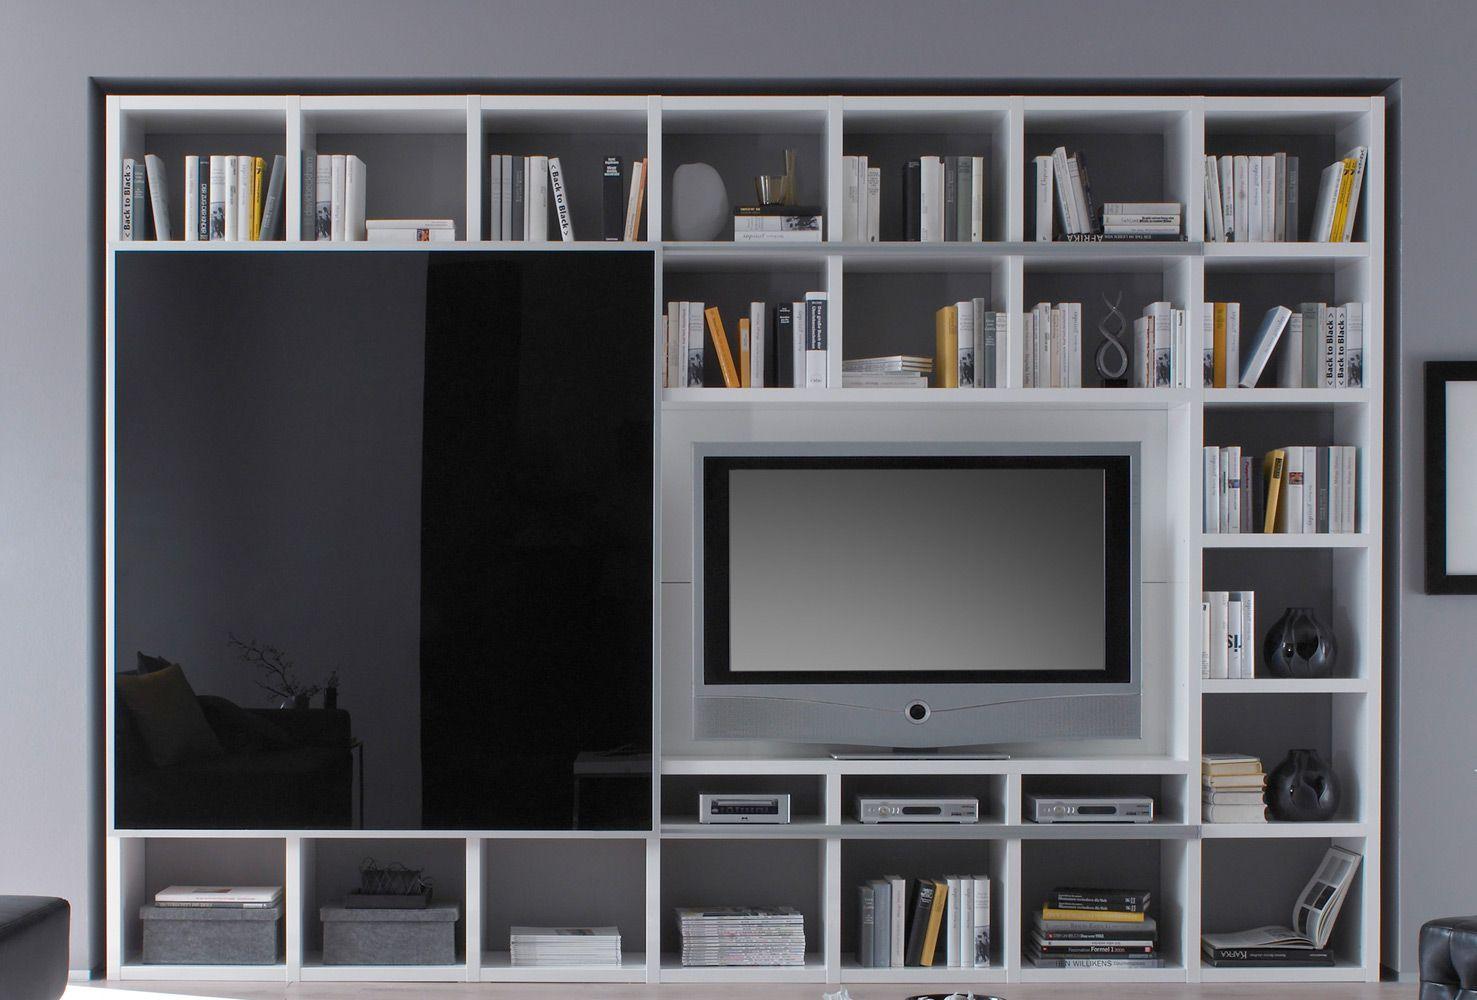 tv schrank schiebetür : fif-möbel bücherregal toro schiebetür lack, Wohnzimmer dekoo